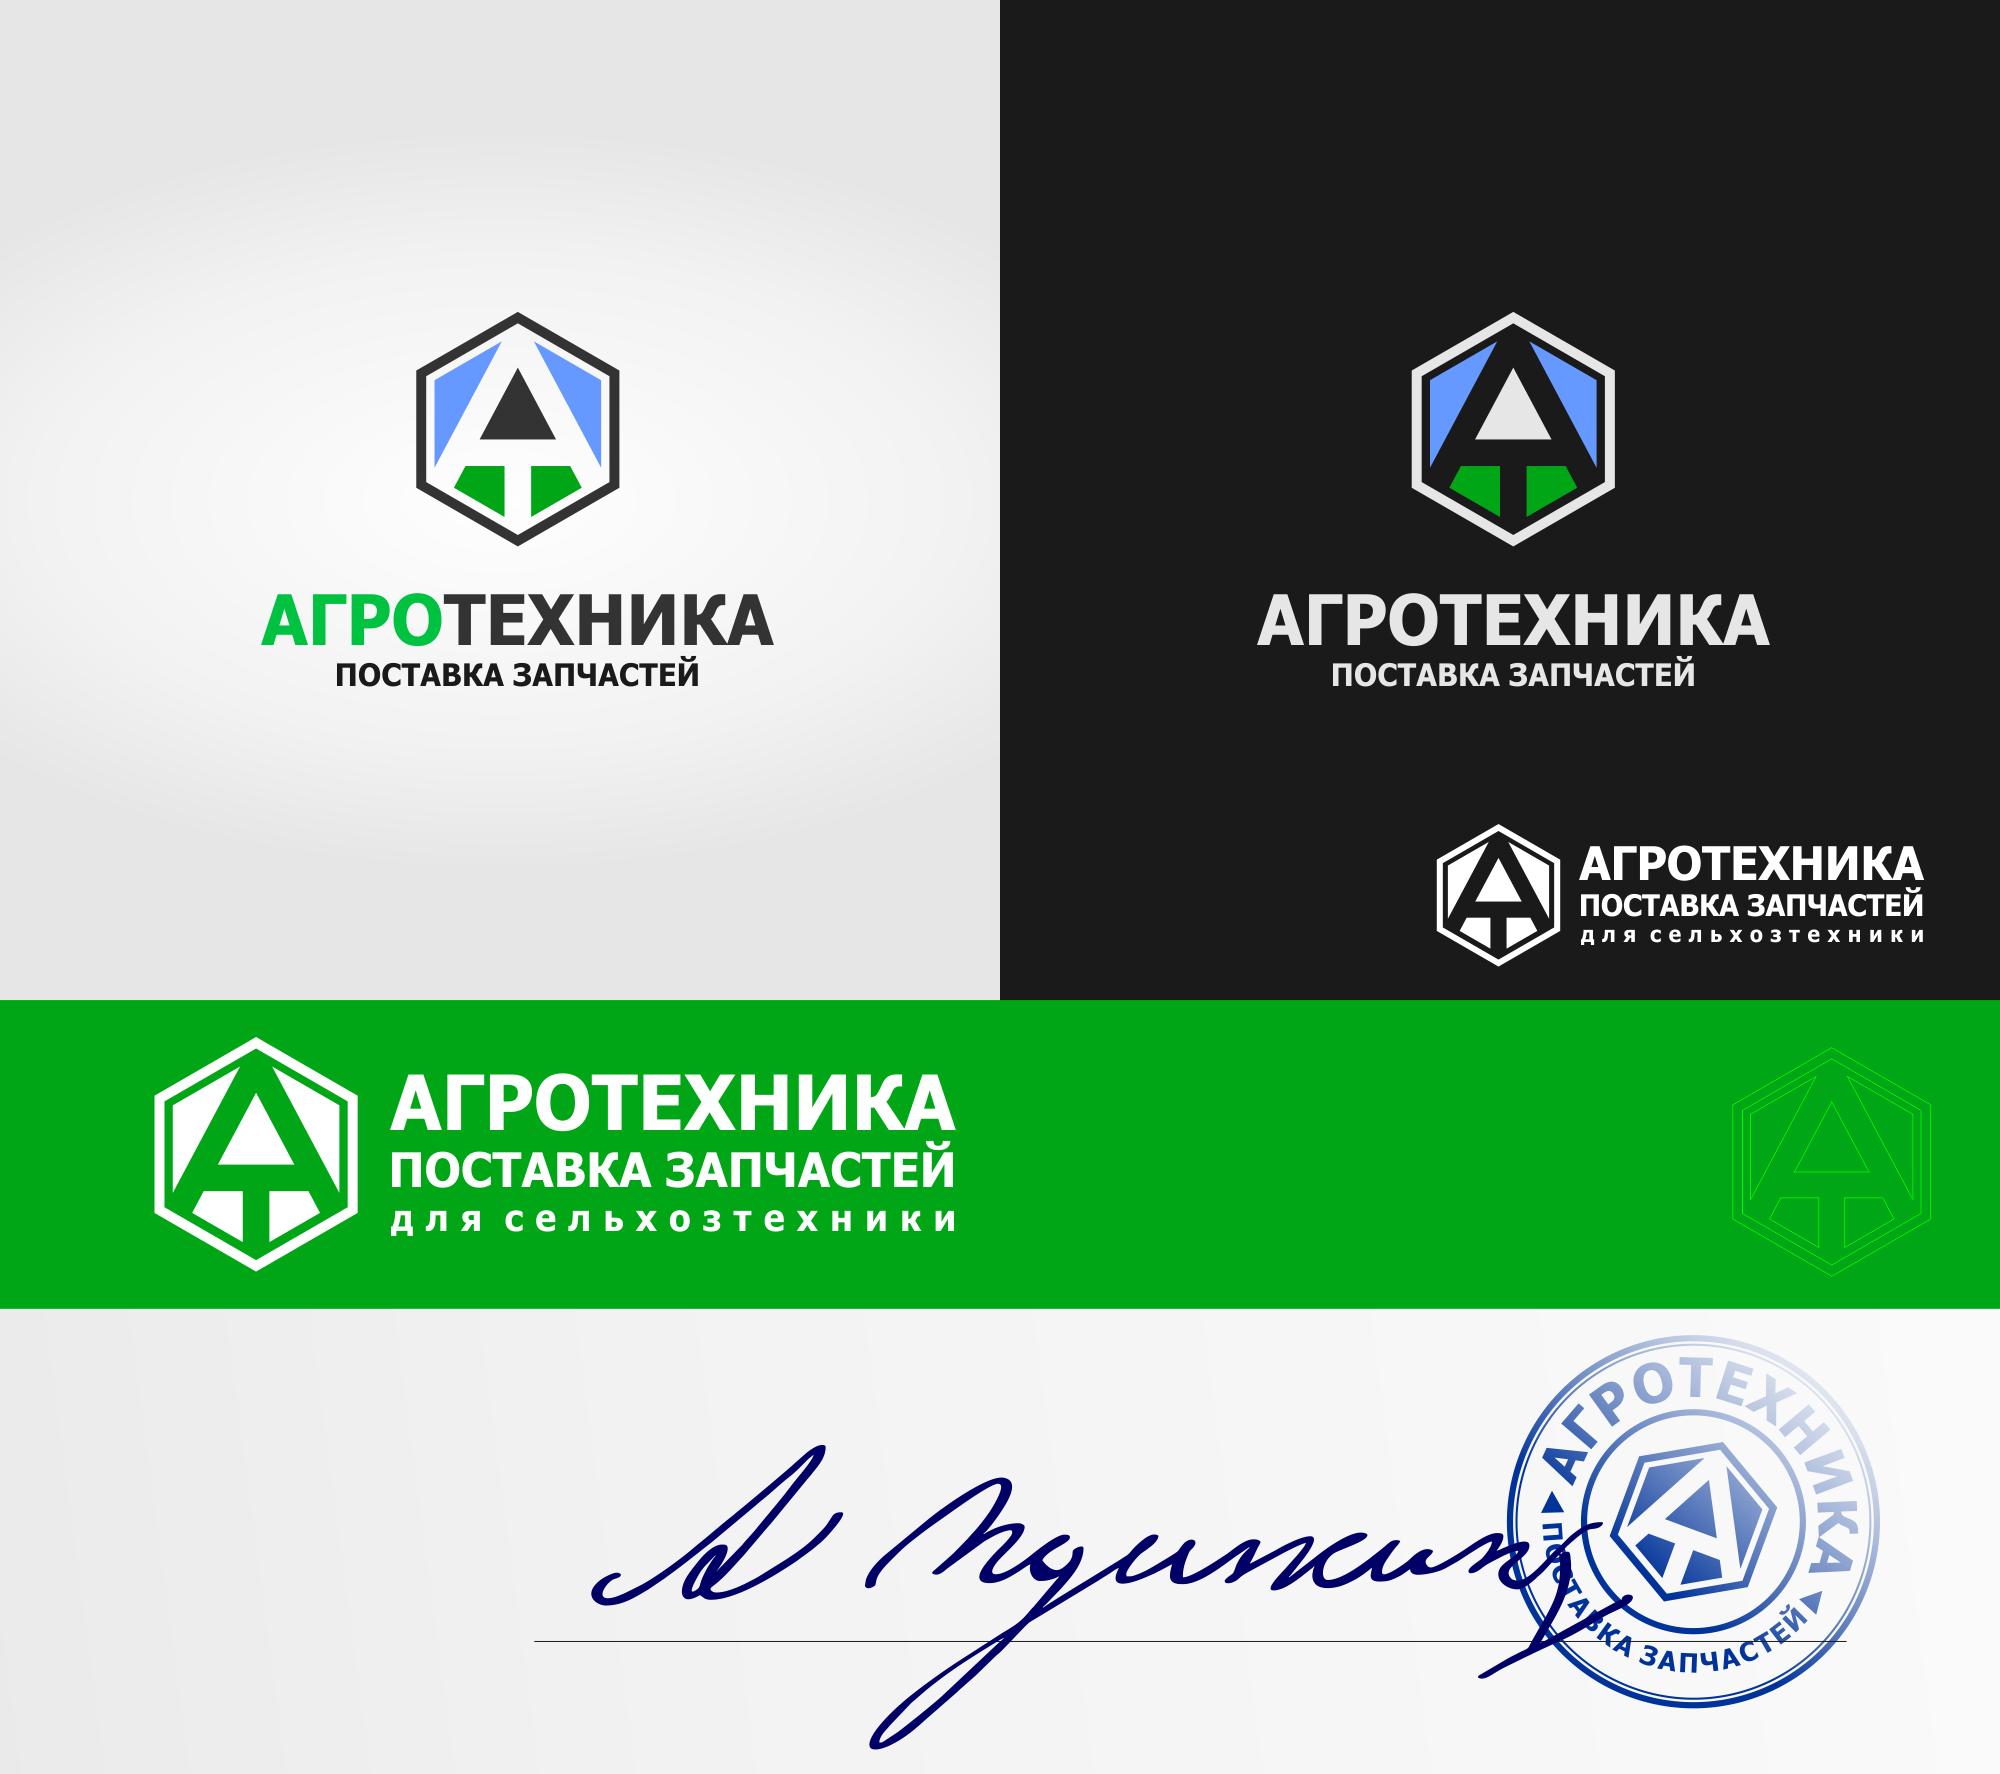 Разработка логотипа для компании Агротехника фото f_4555c0244500a1ca.png